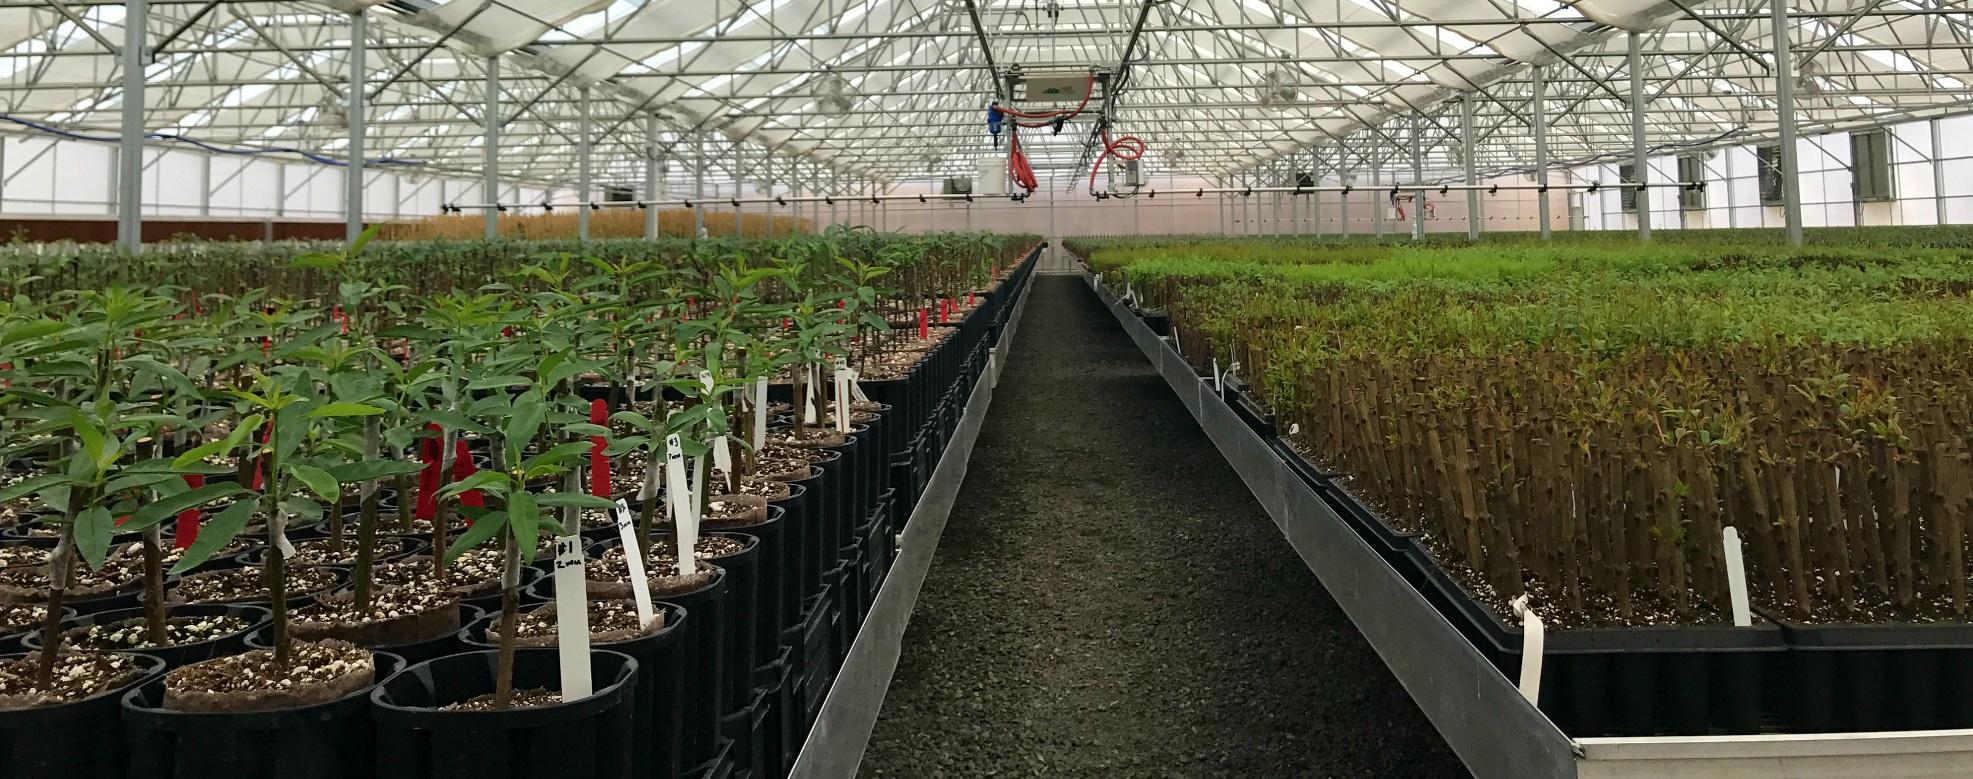 Ургамал, Нанобиотехнологийн <br /> үйлдвэрлэлийн бүс